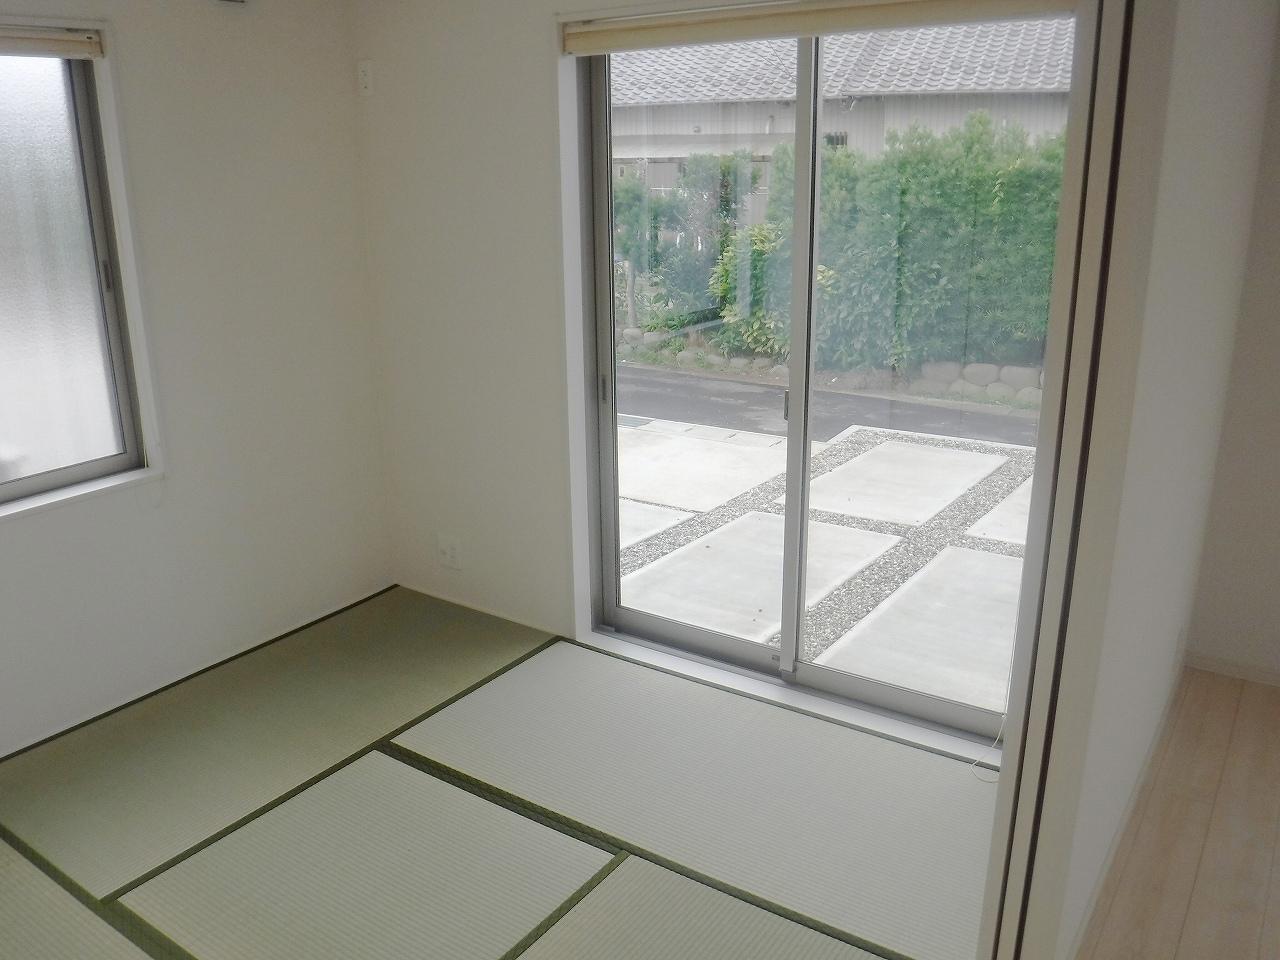 小さなお子様のいる方におすすめ♪リビング横に和室のあるタイプの間取りです♪施工事例。実際のものと異なります。